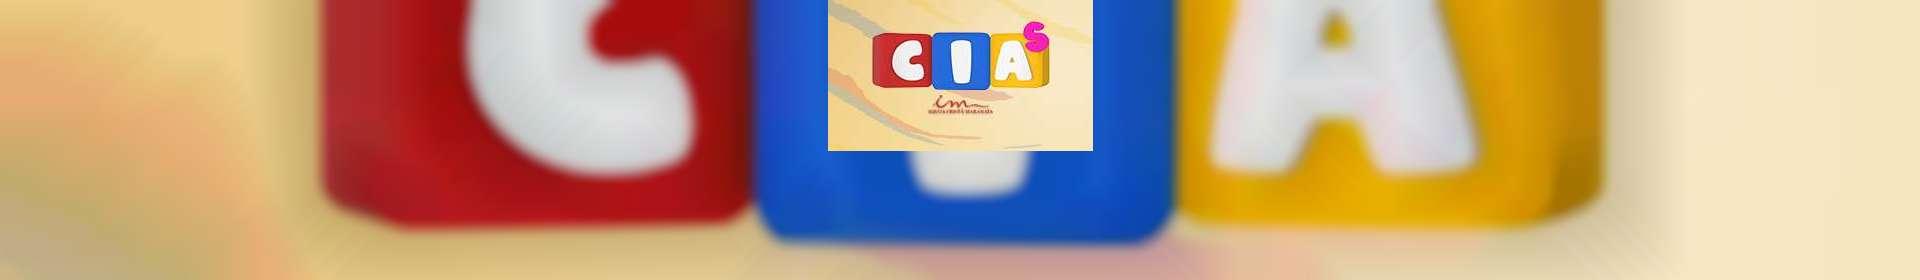 Aula de CIAS: classe de 07 a 11 anos - 16 de julho de 2020